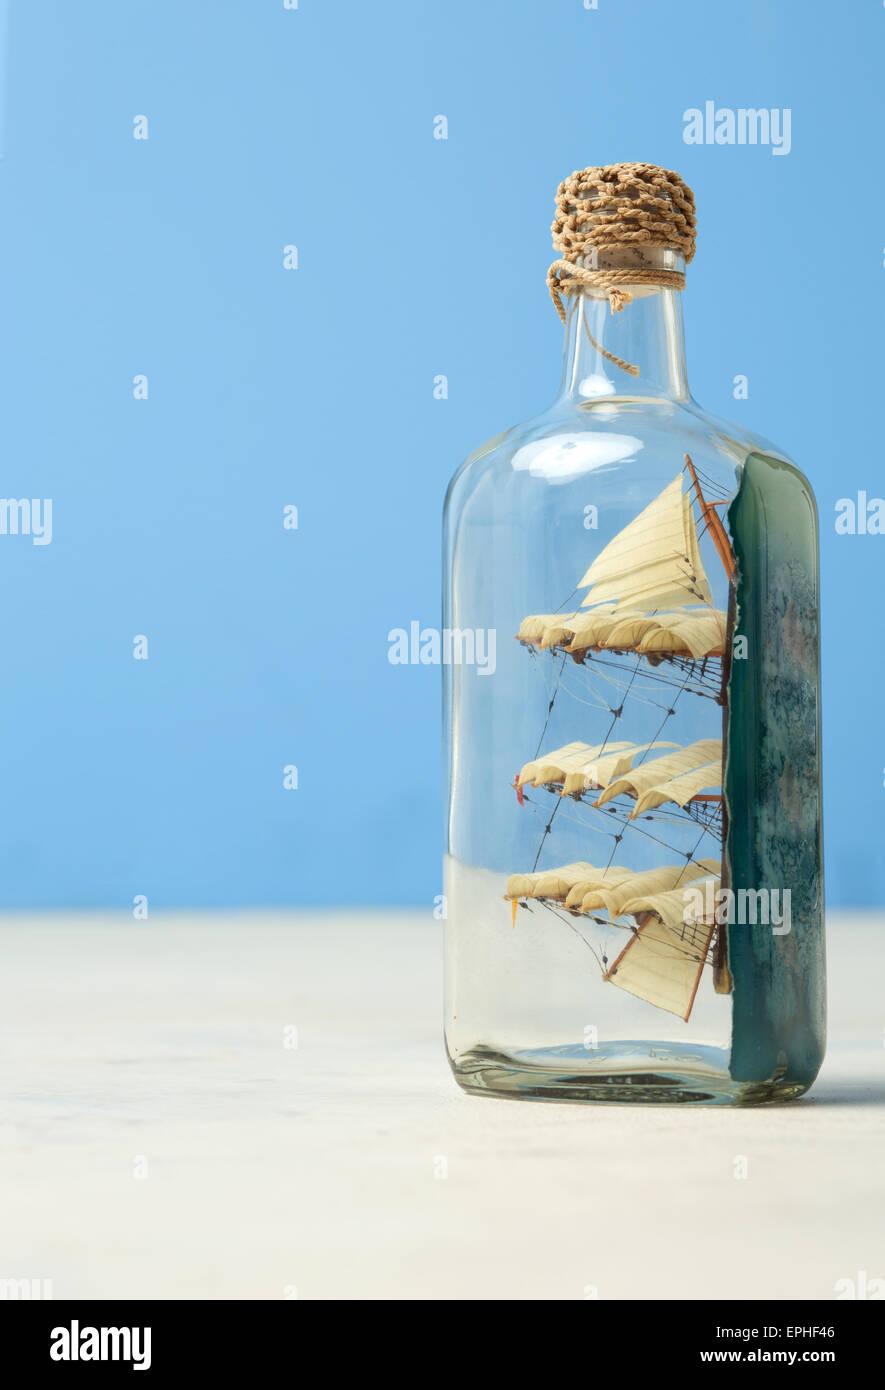 Barco de juguete en una botella de vidrio Imagen De Stock